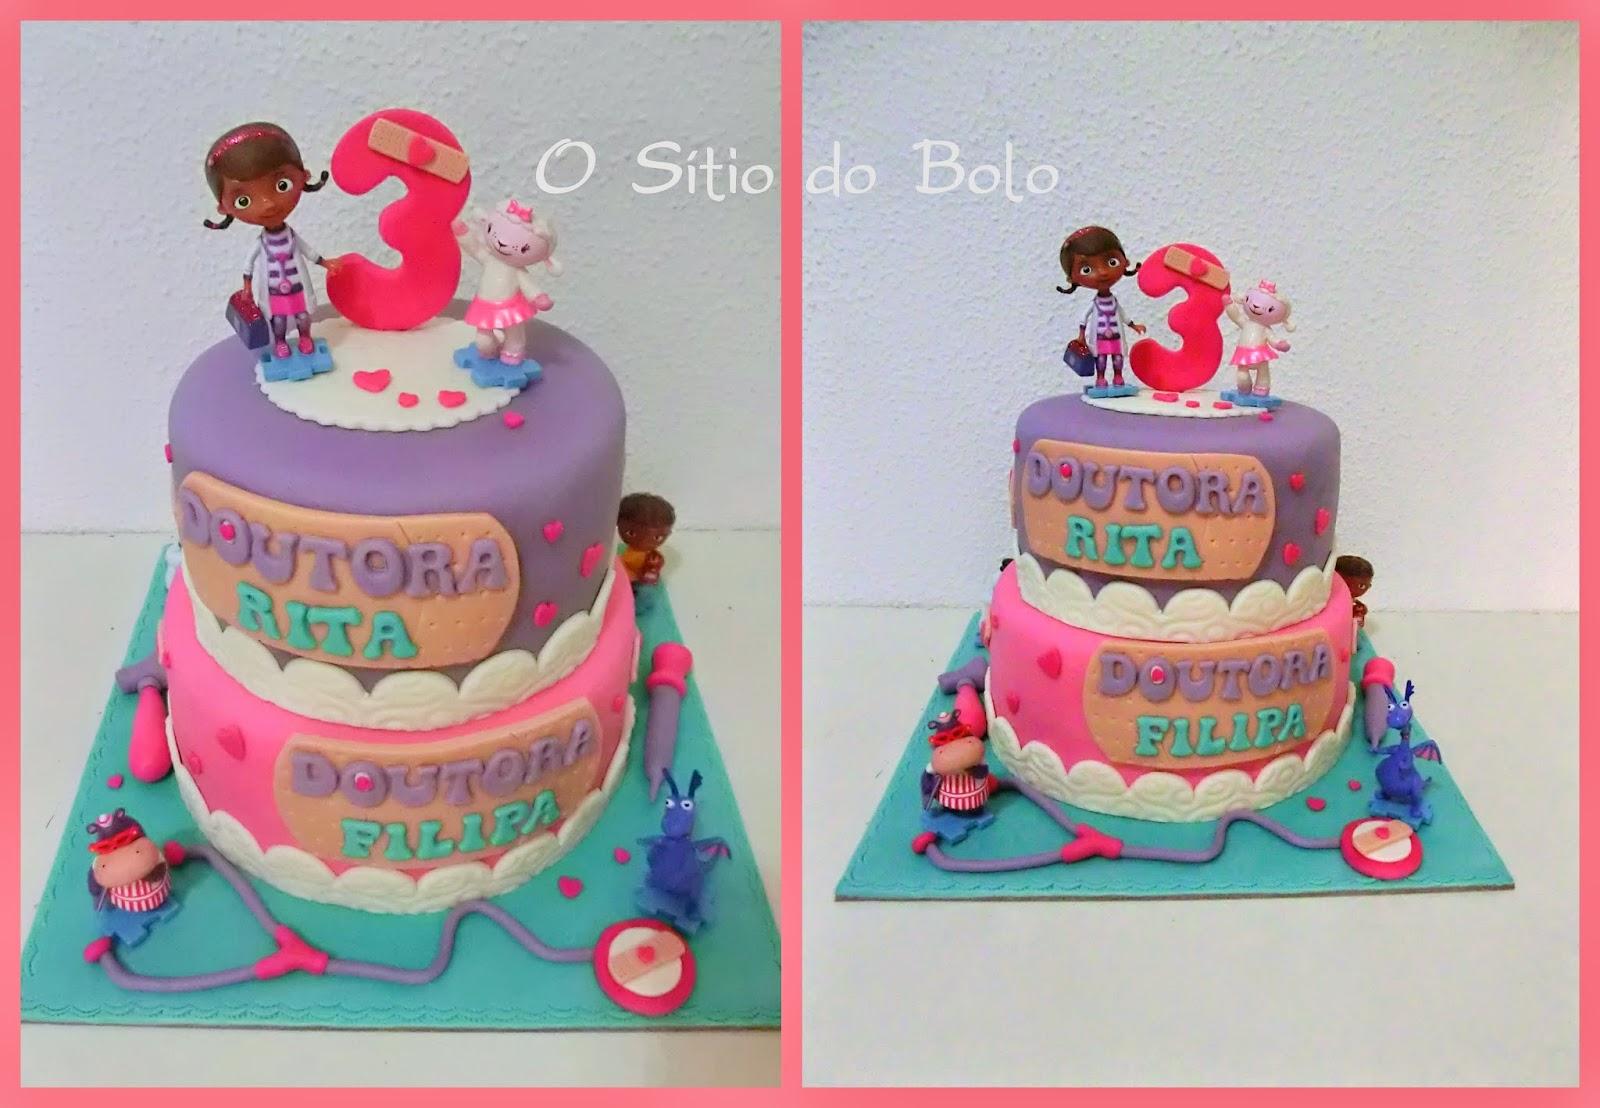 Amado O sitio do bolo: Outra versão de um bolo Doutora Brinquedos JY86